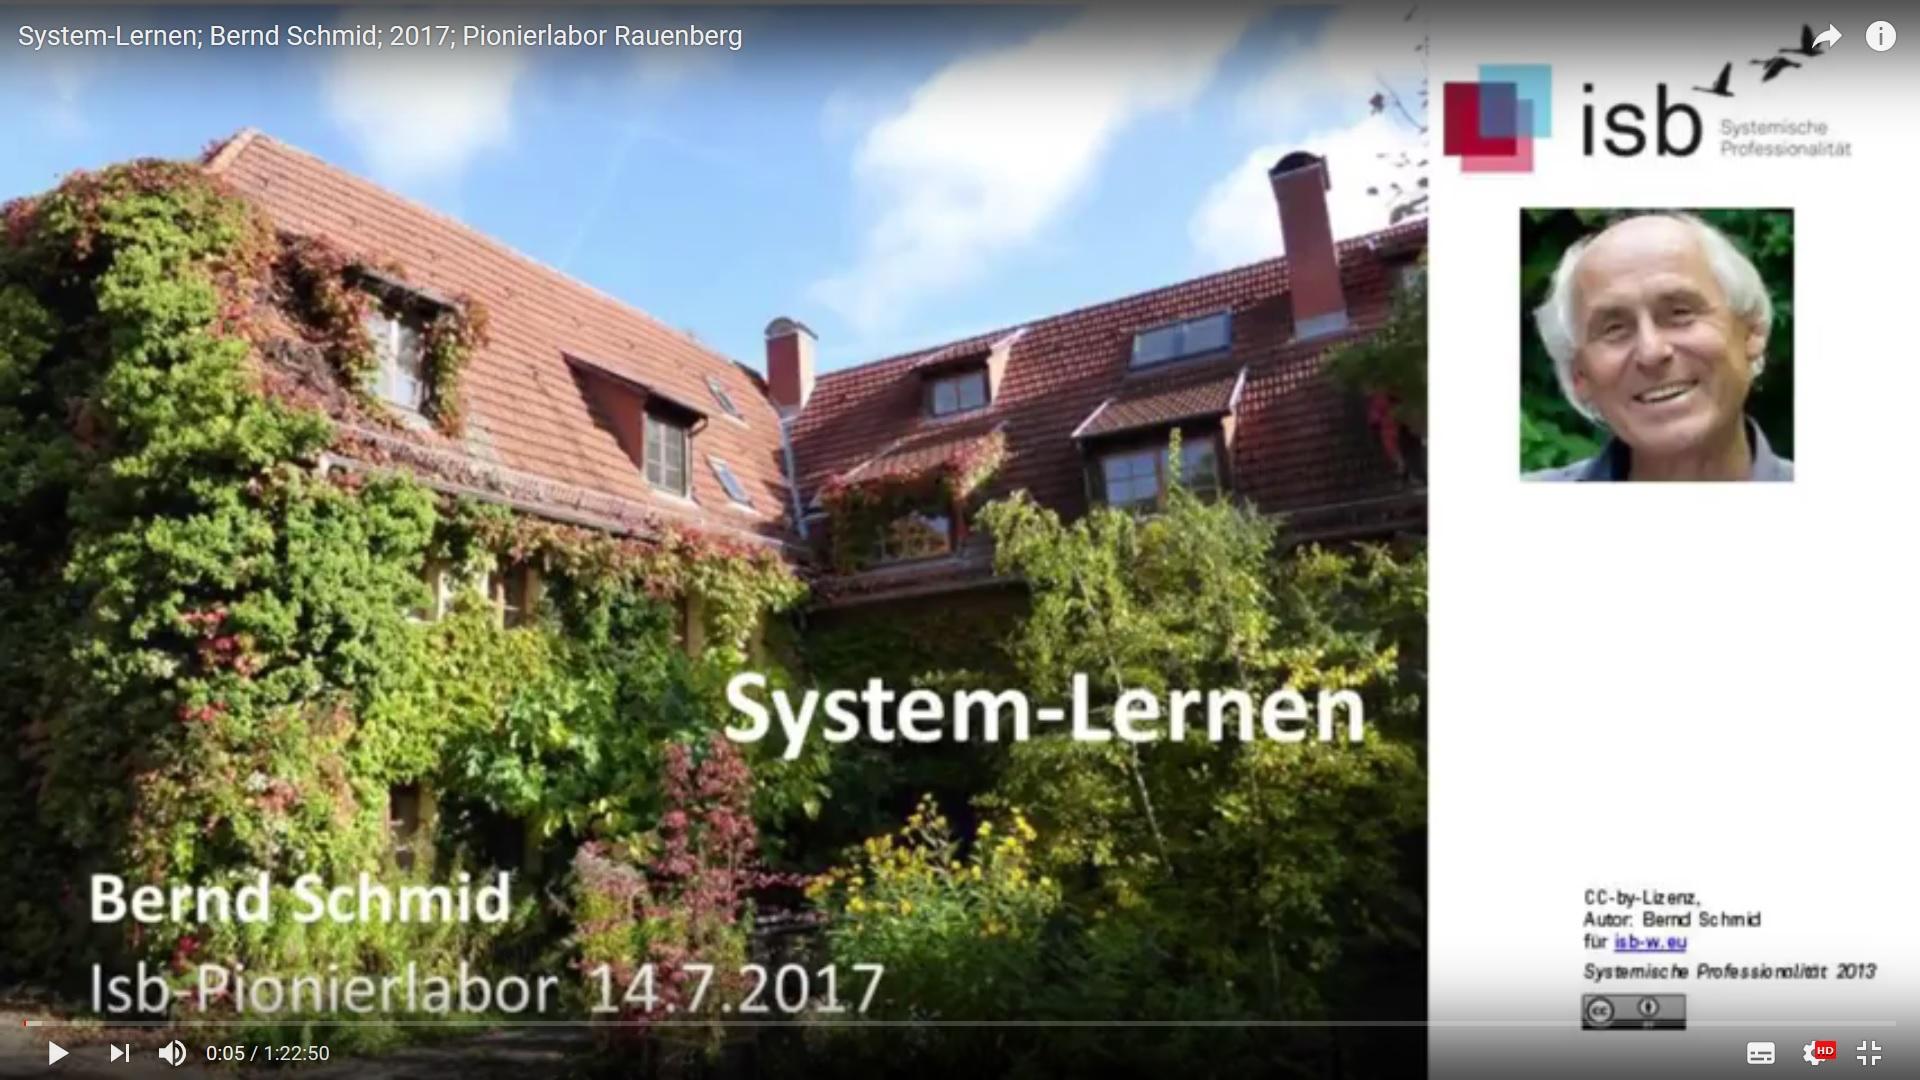 Bernd Schmid über System-Lernen